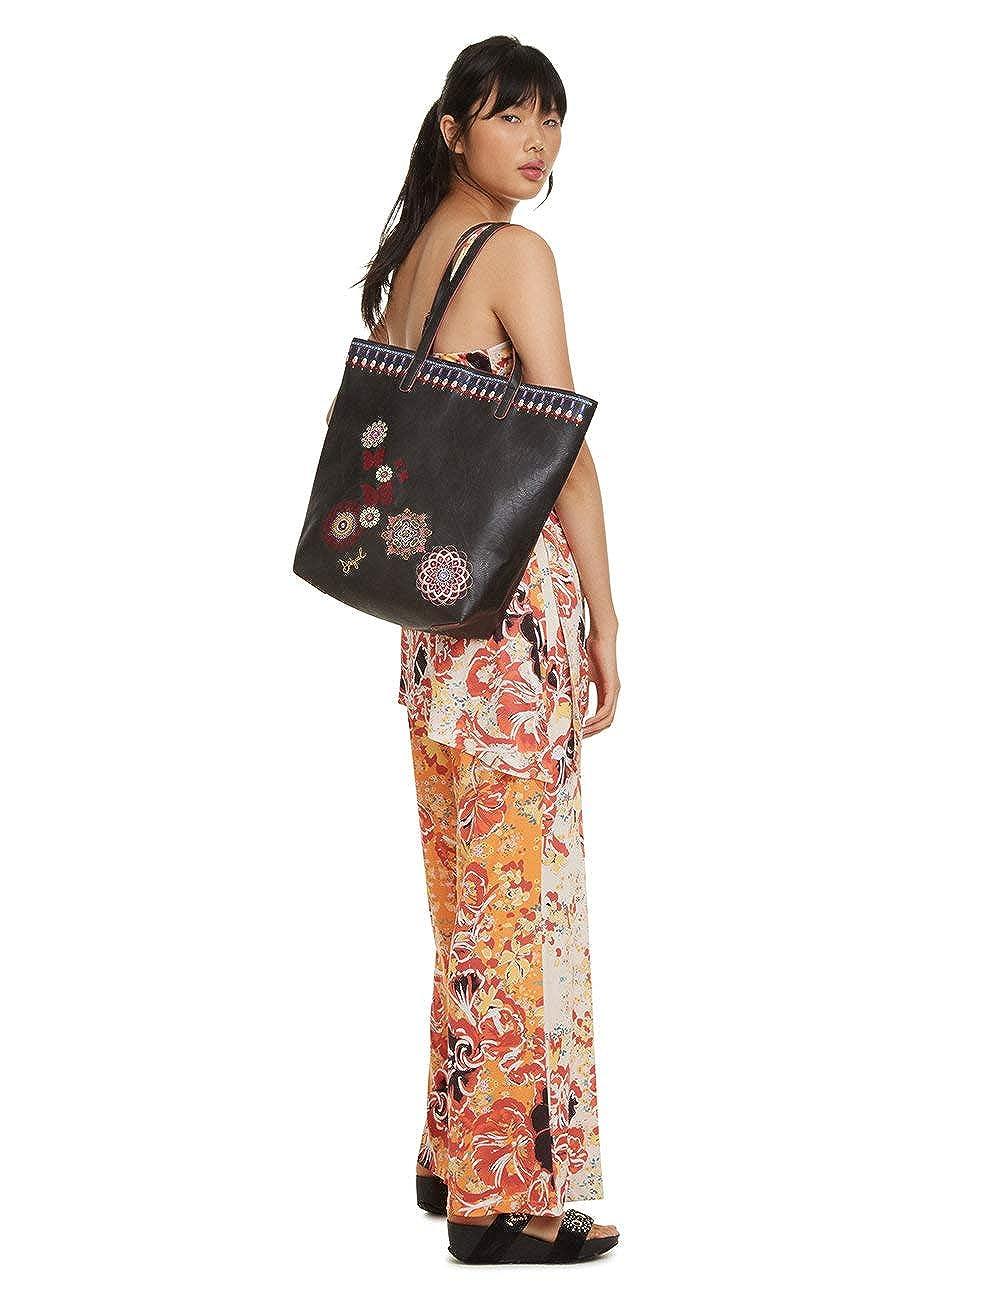 Desigual Bag Chandy Rio Zipper Women Shoppers y bolsos de hombro Mujer